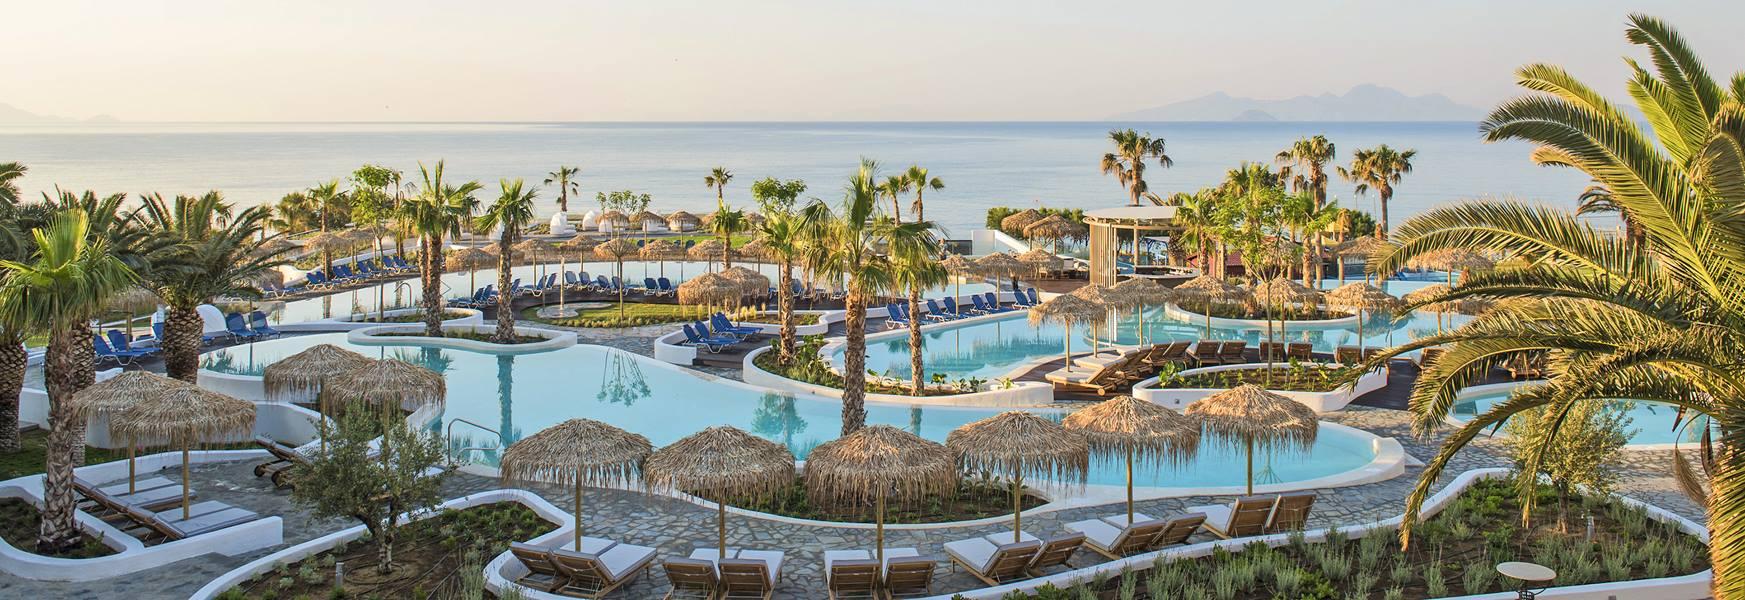 Hotel Mitsis Norida Beach, Kos